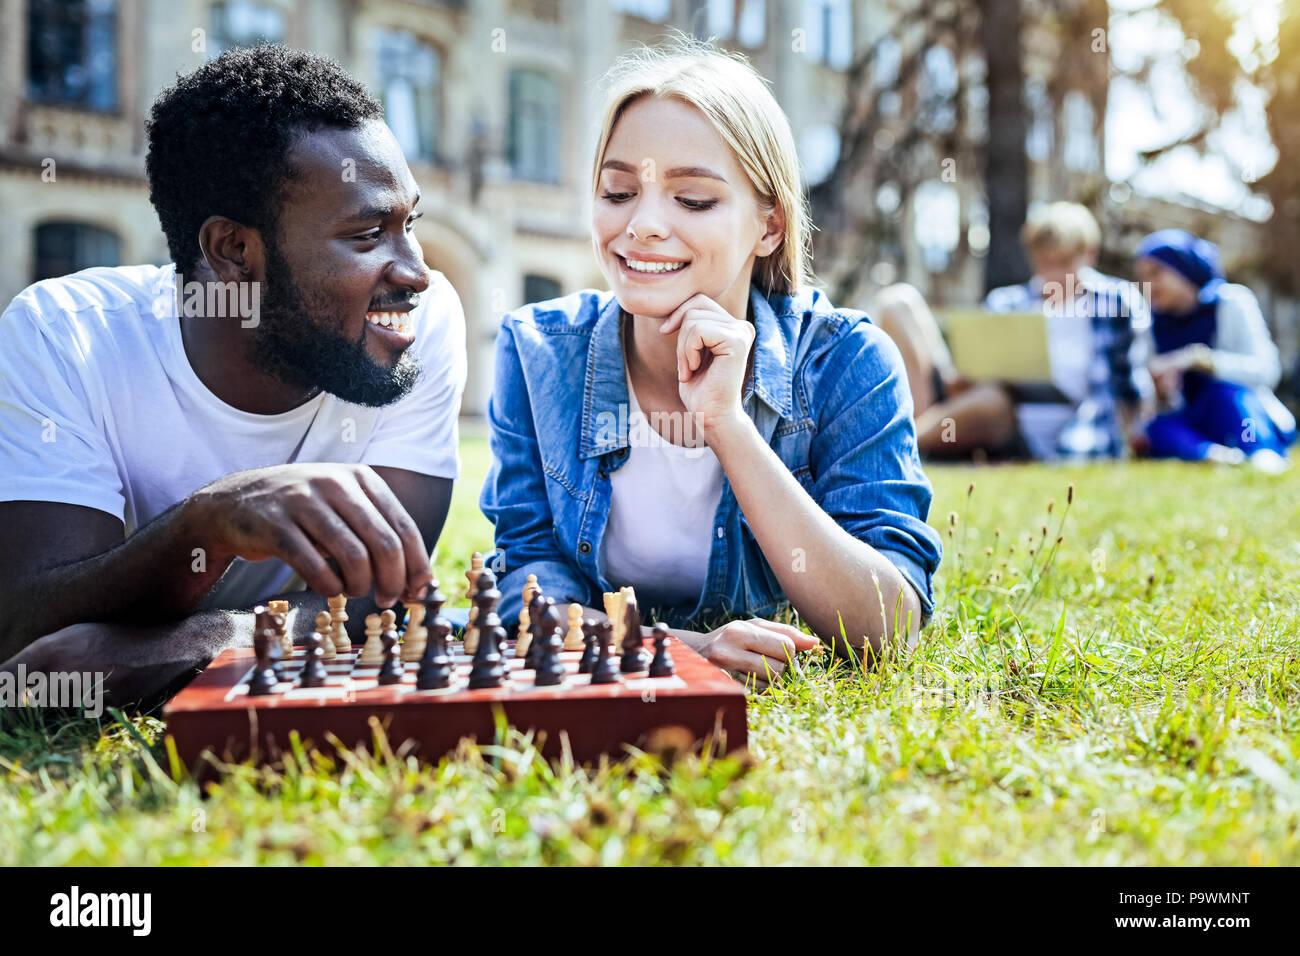 Amis détendue bénéficiant d'jeu d'ensemble Banque D'Images